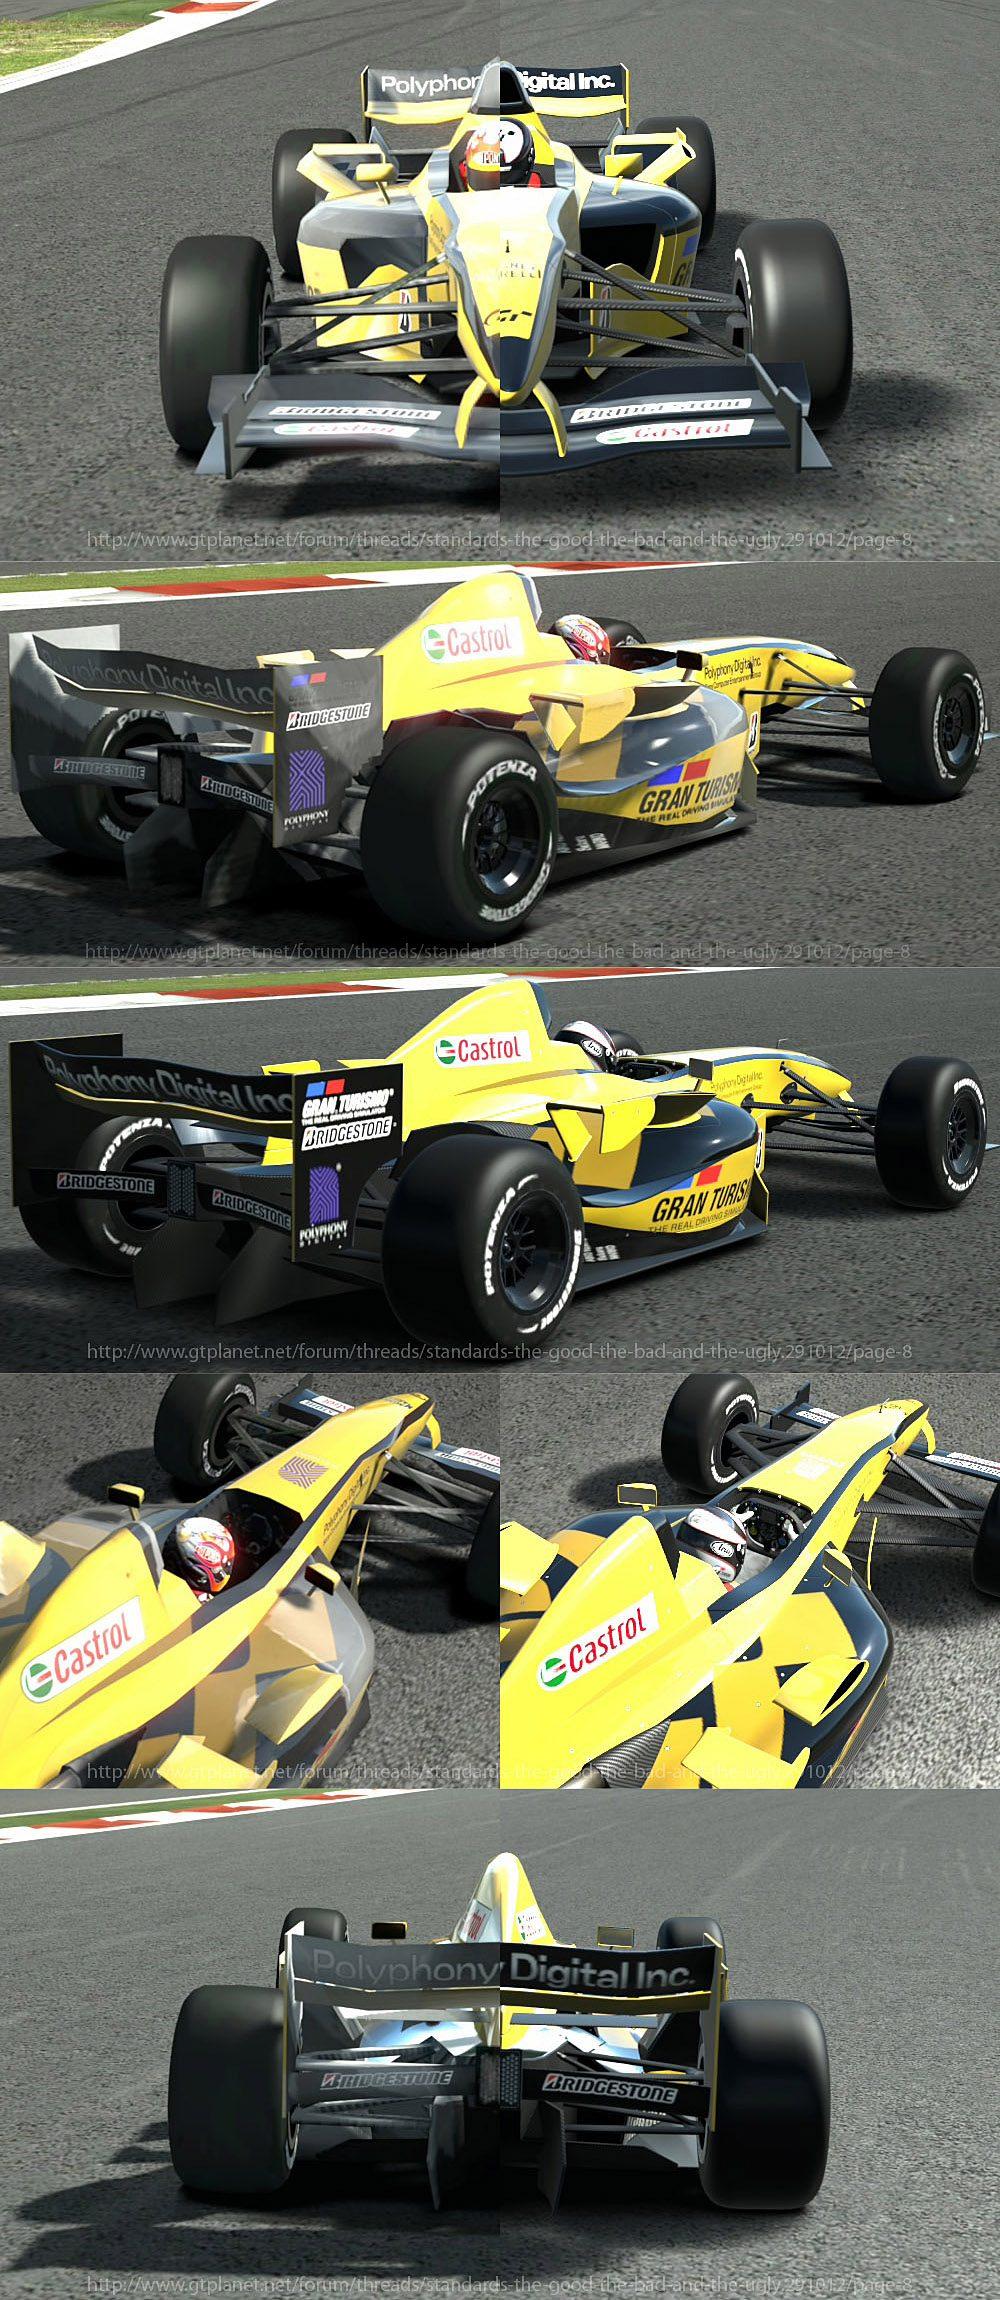 FormulaGT_s021.jpg